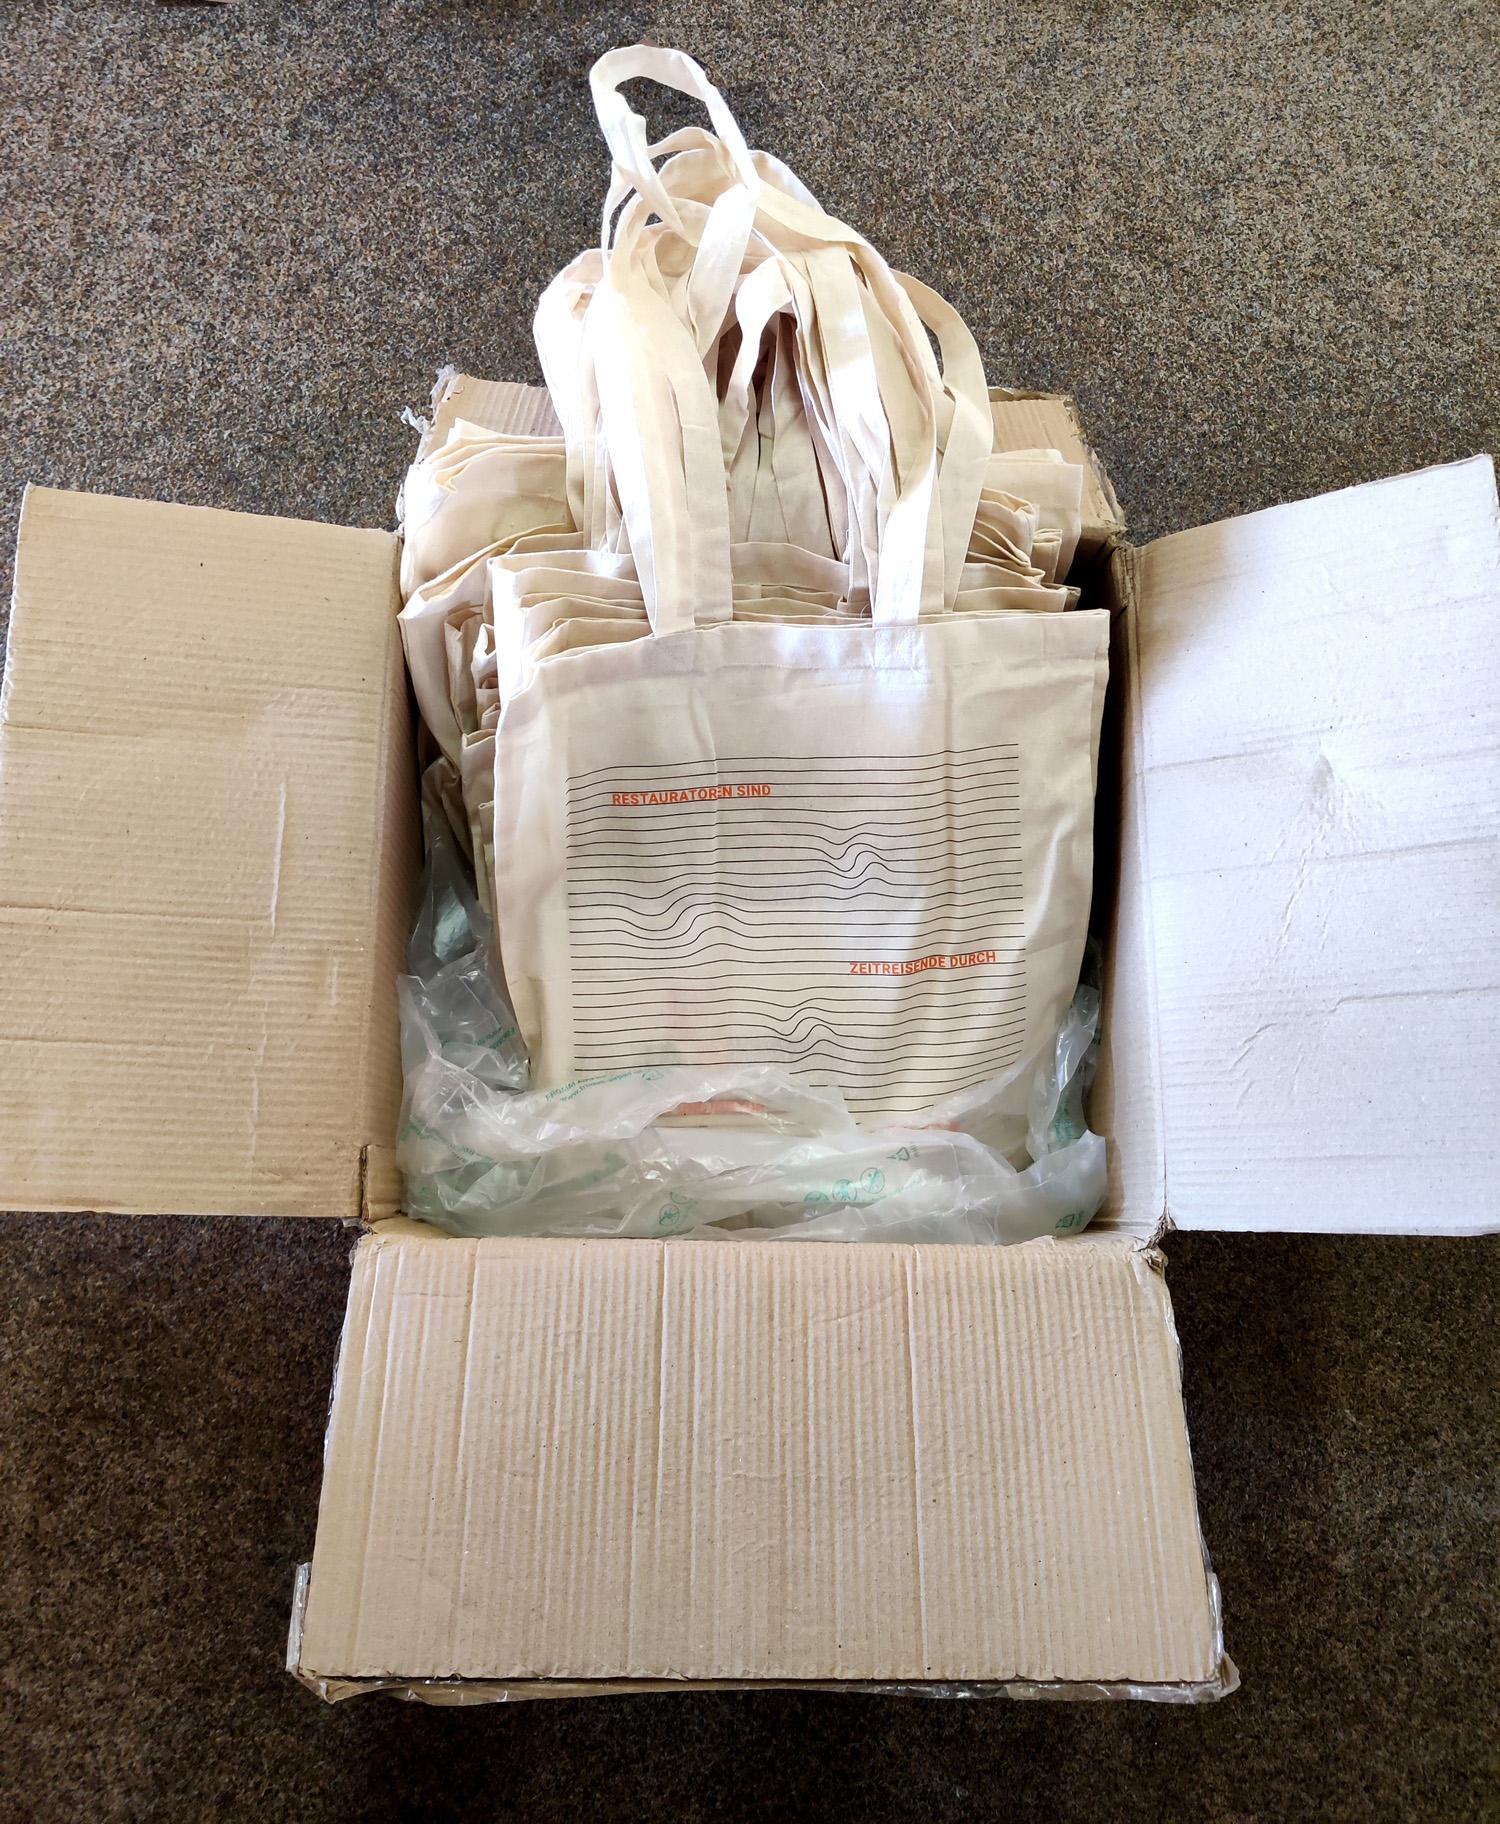 Weitere Pakete stehen bereit.